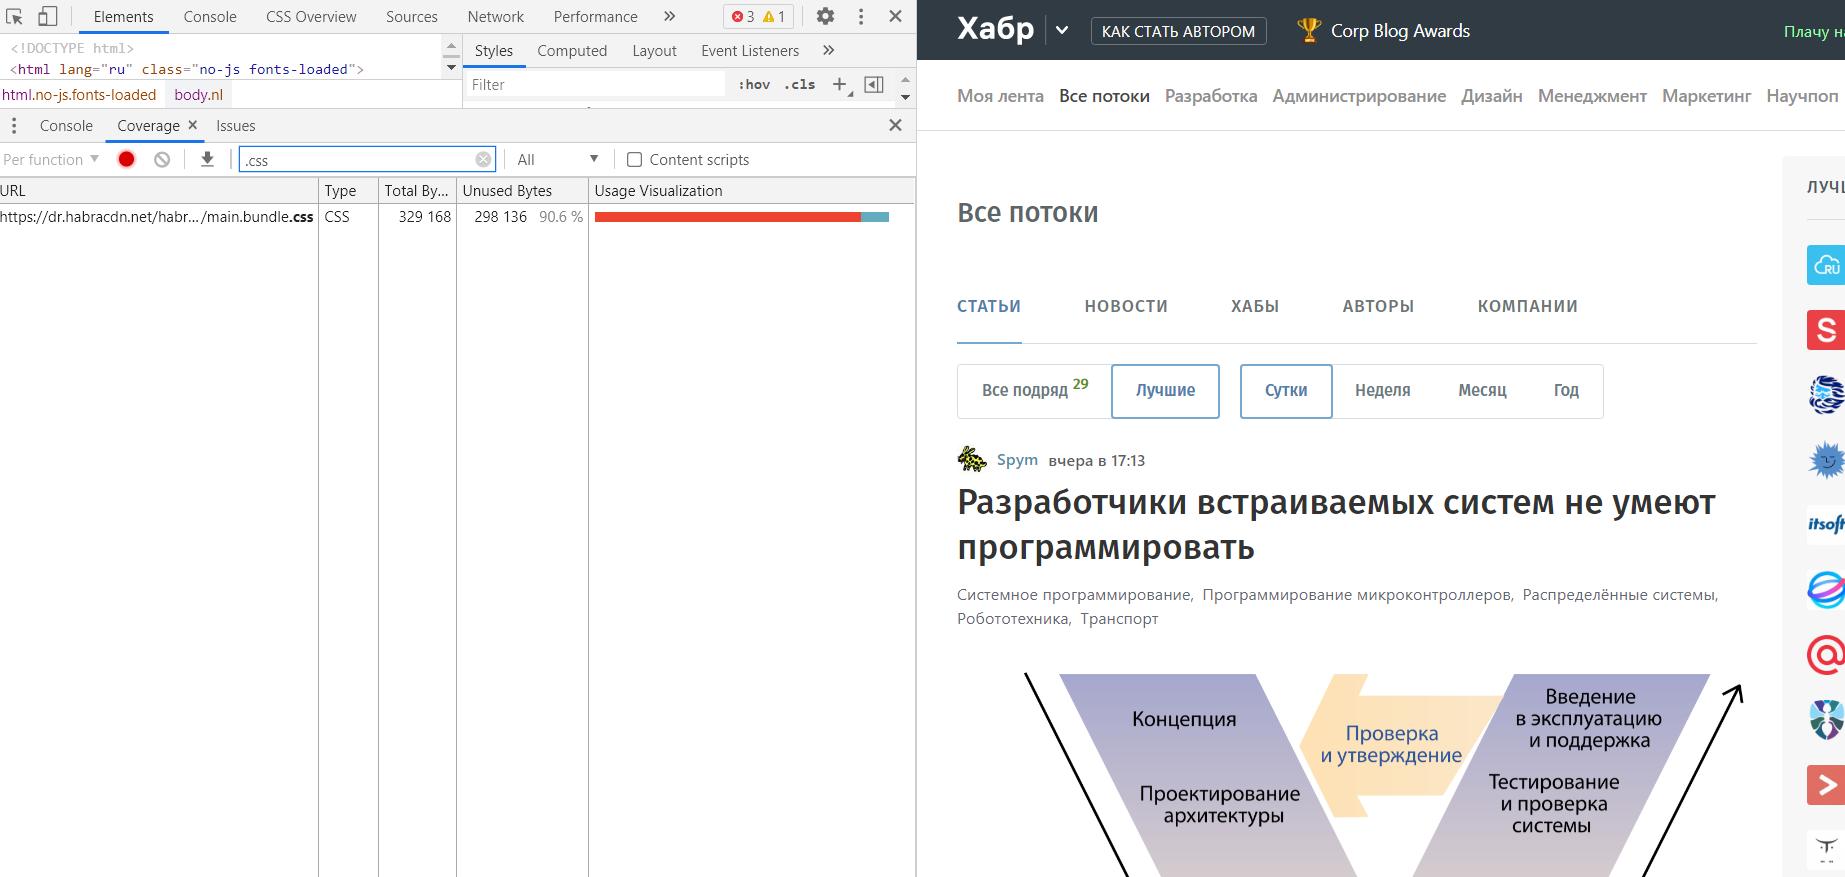 Инструменты для аудита CSS - 6